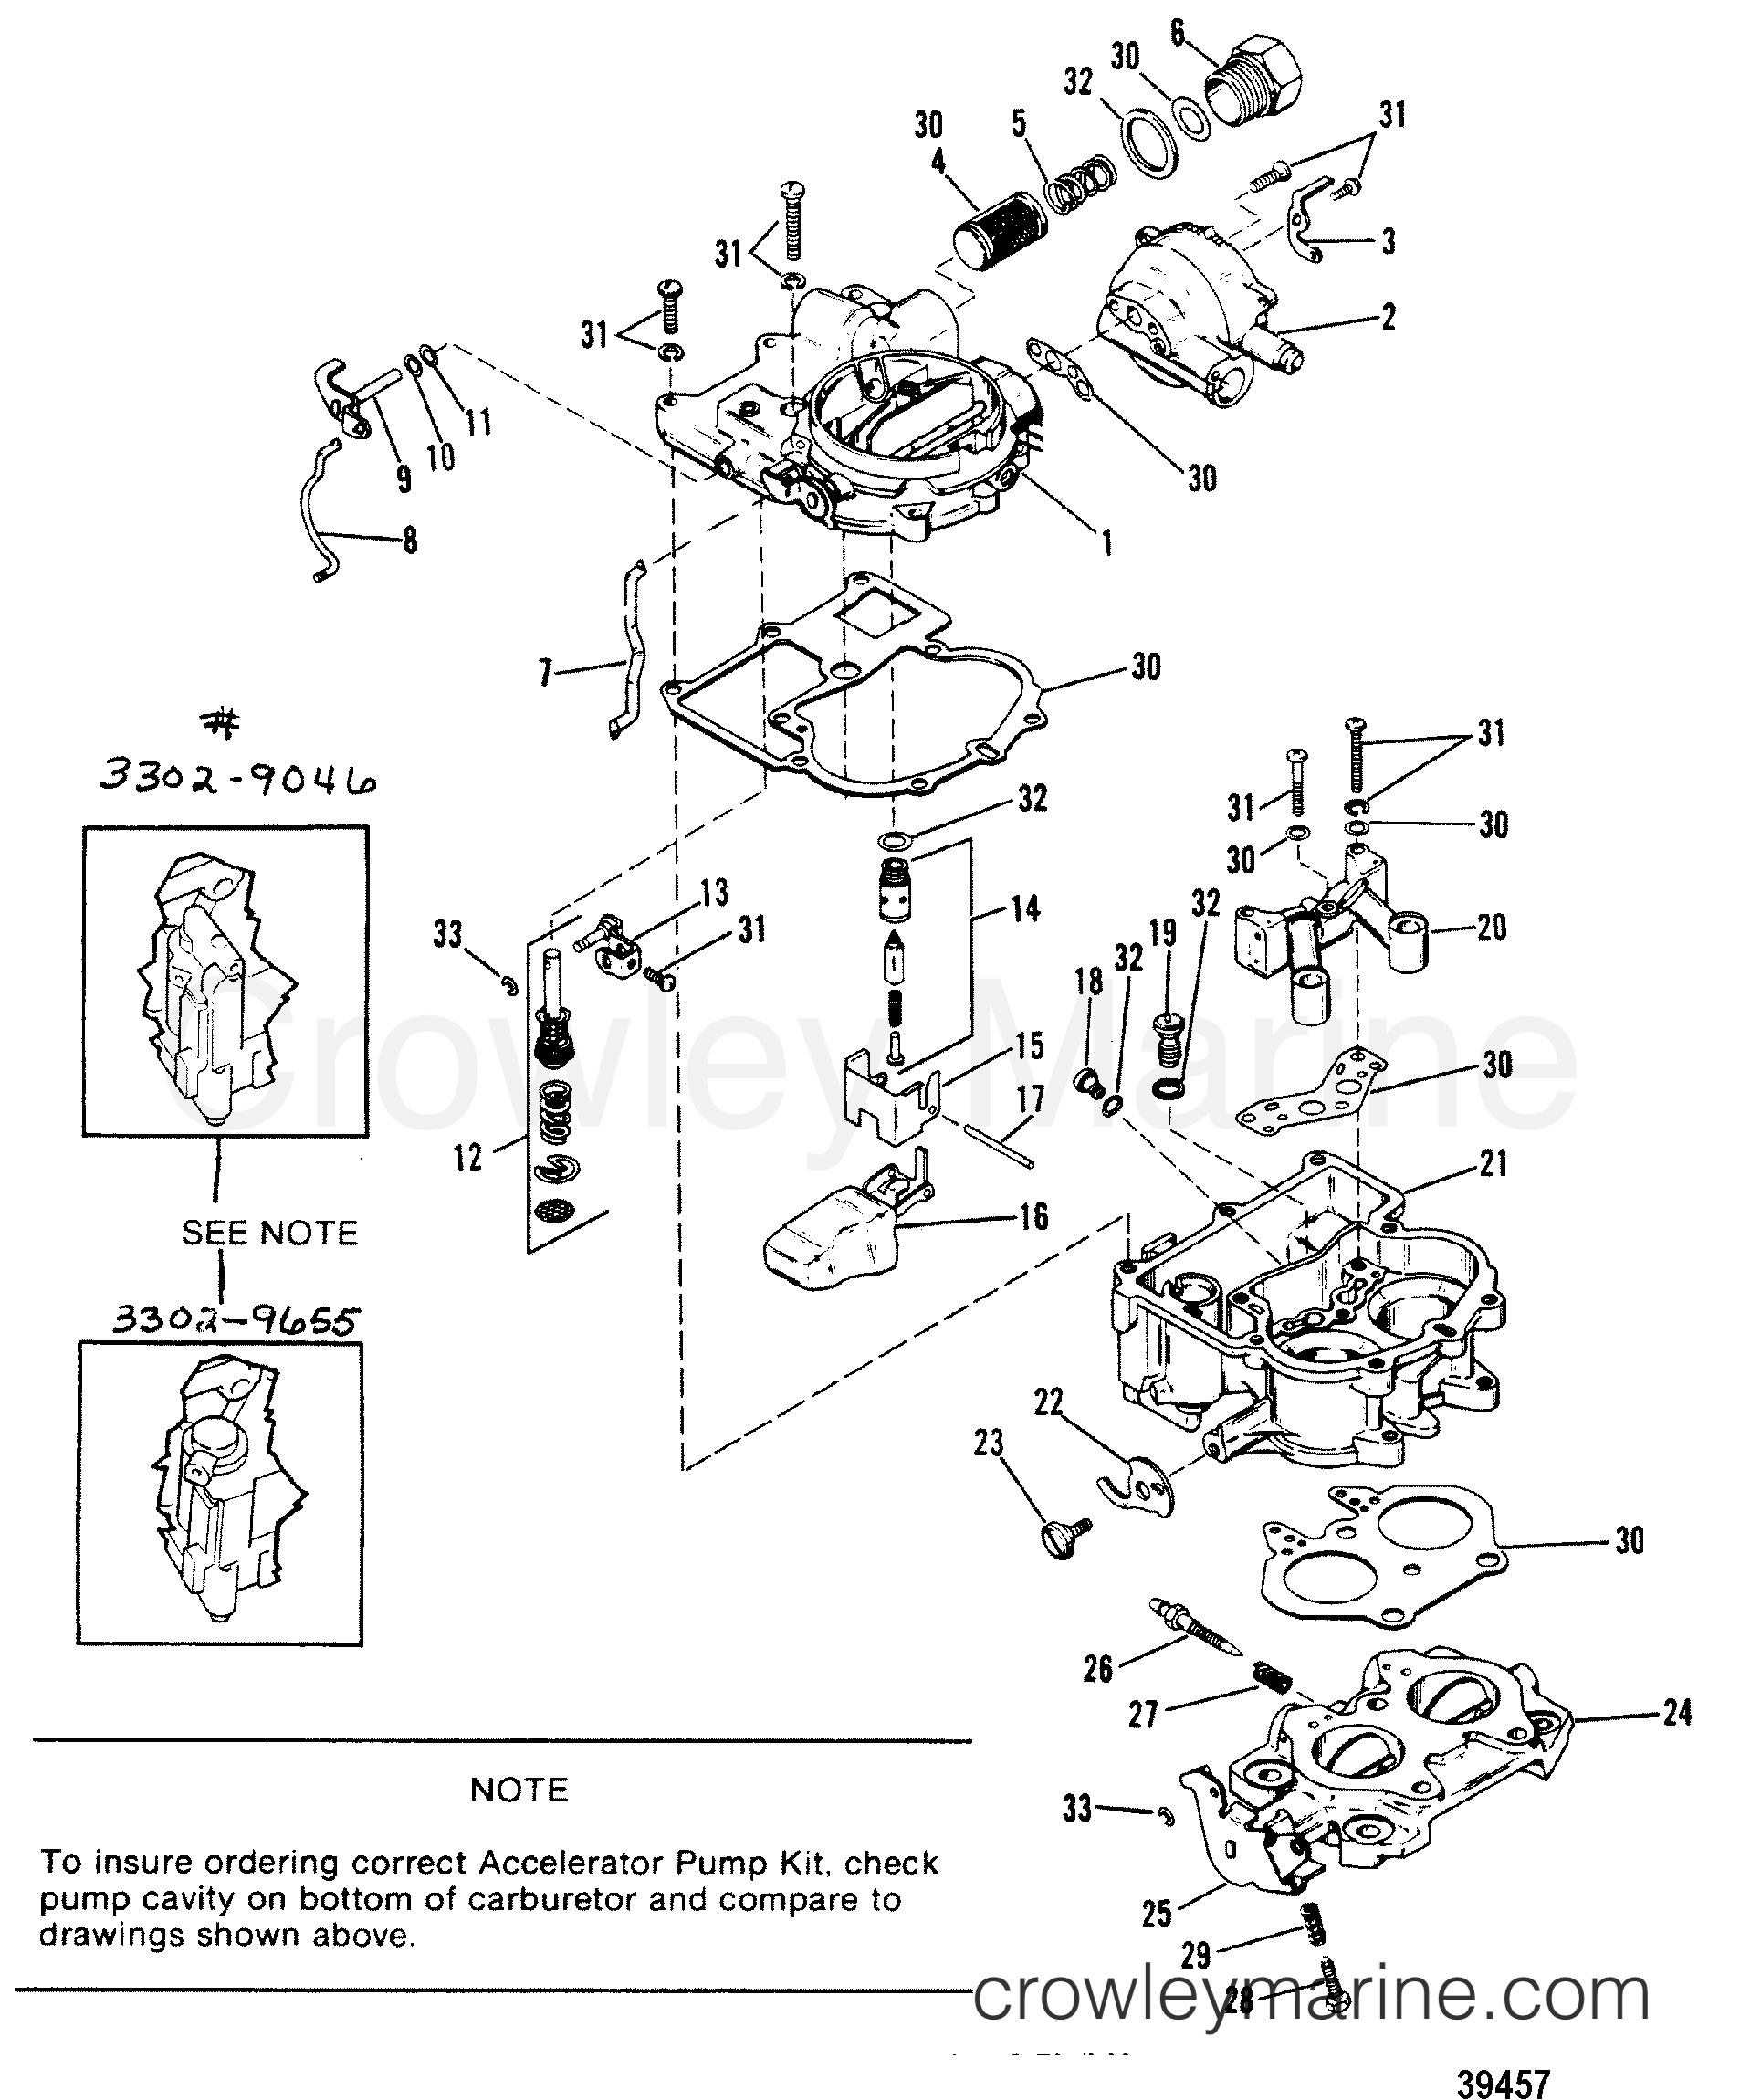 1985 mercruiser 170 drive diagrams